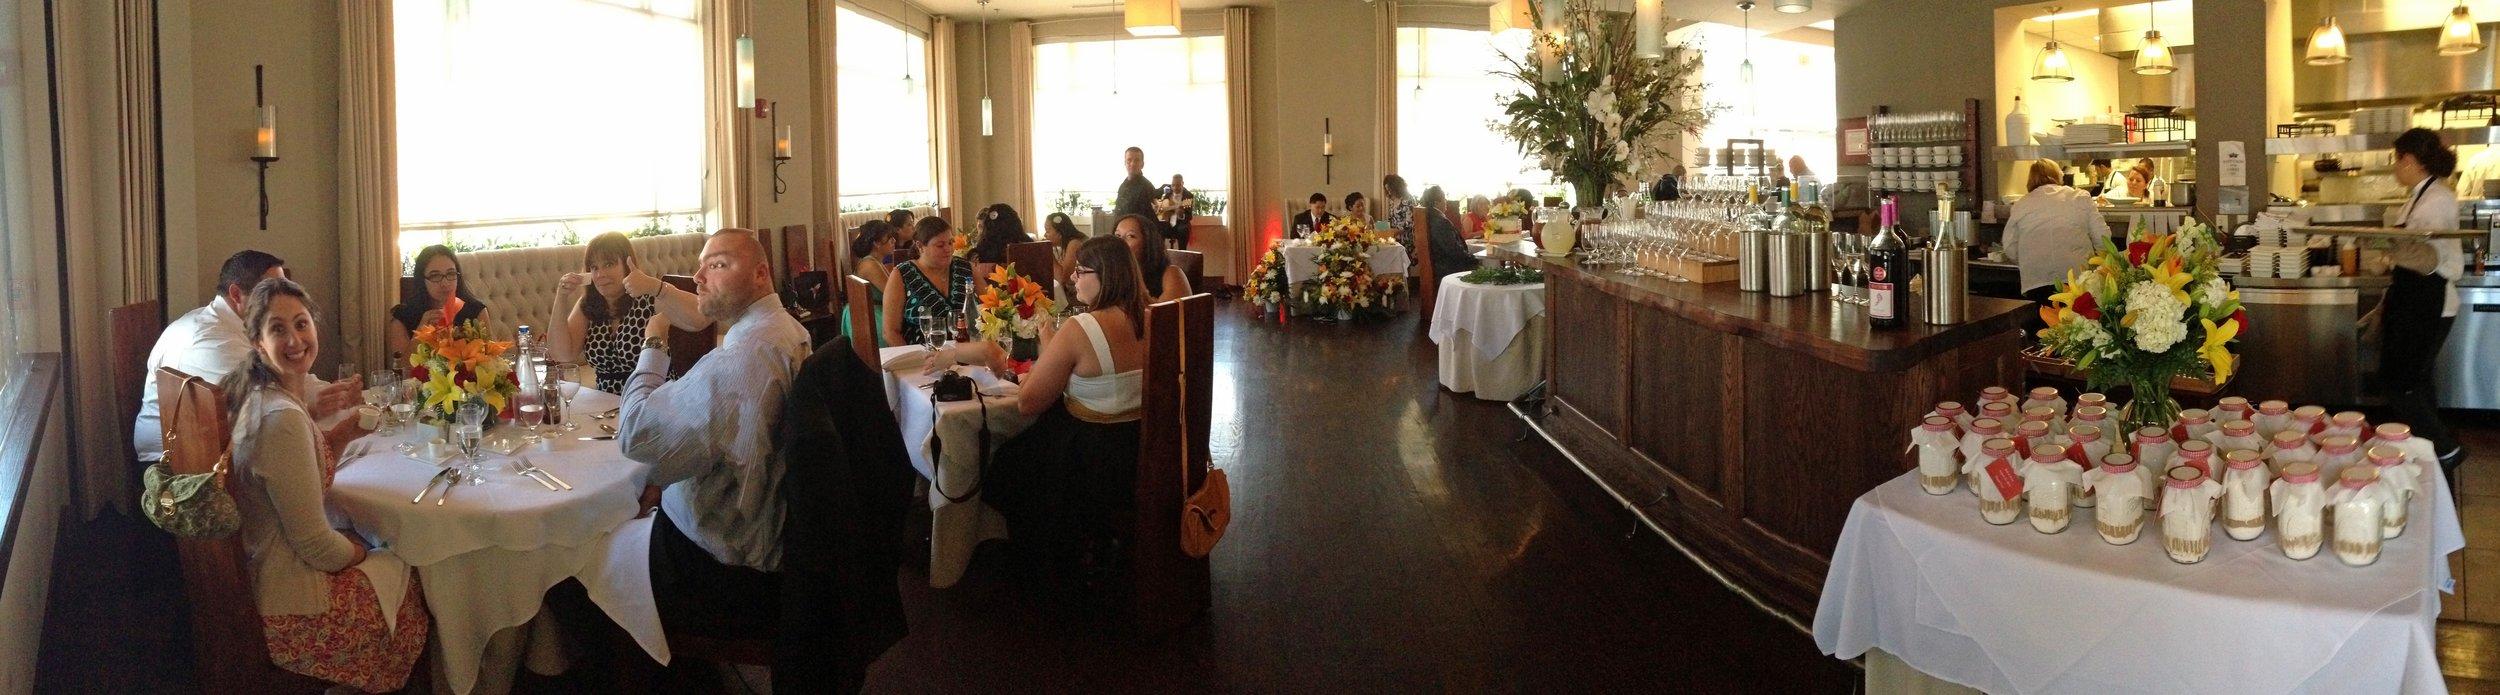 Wedding reception on the big side.